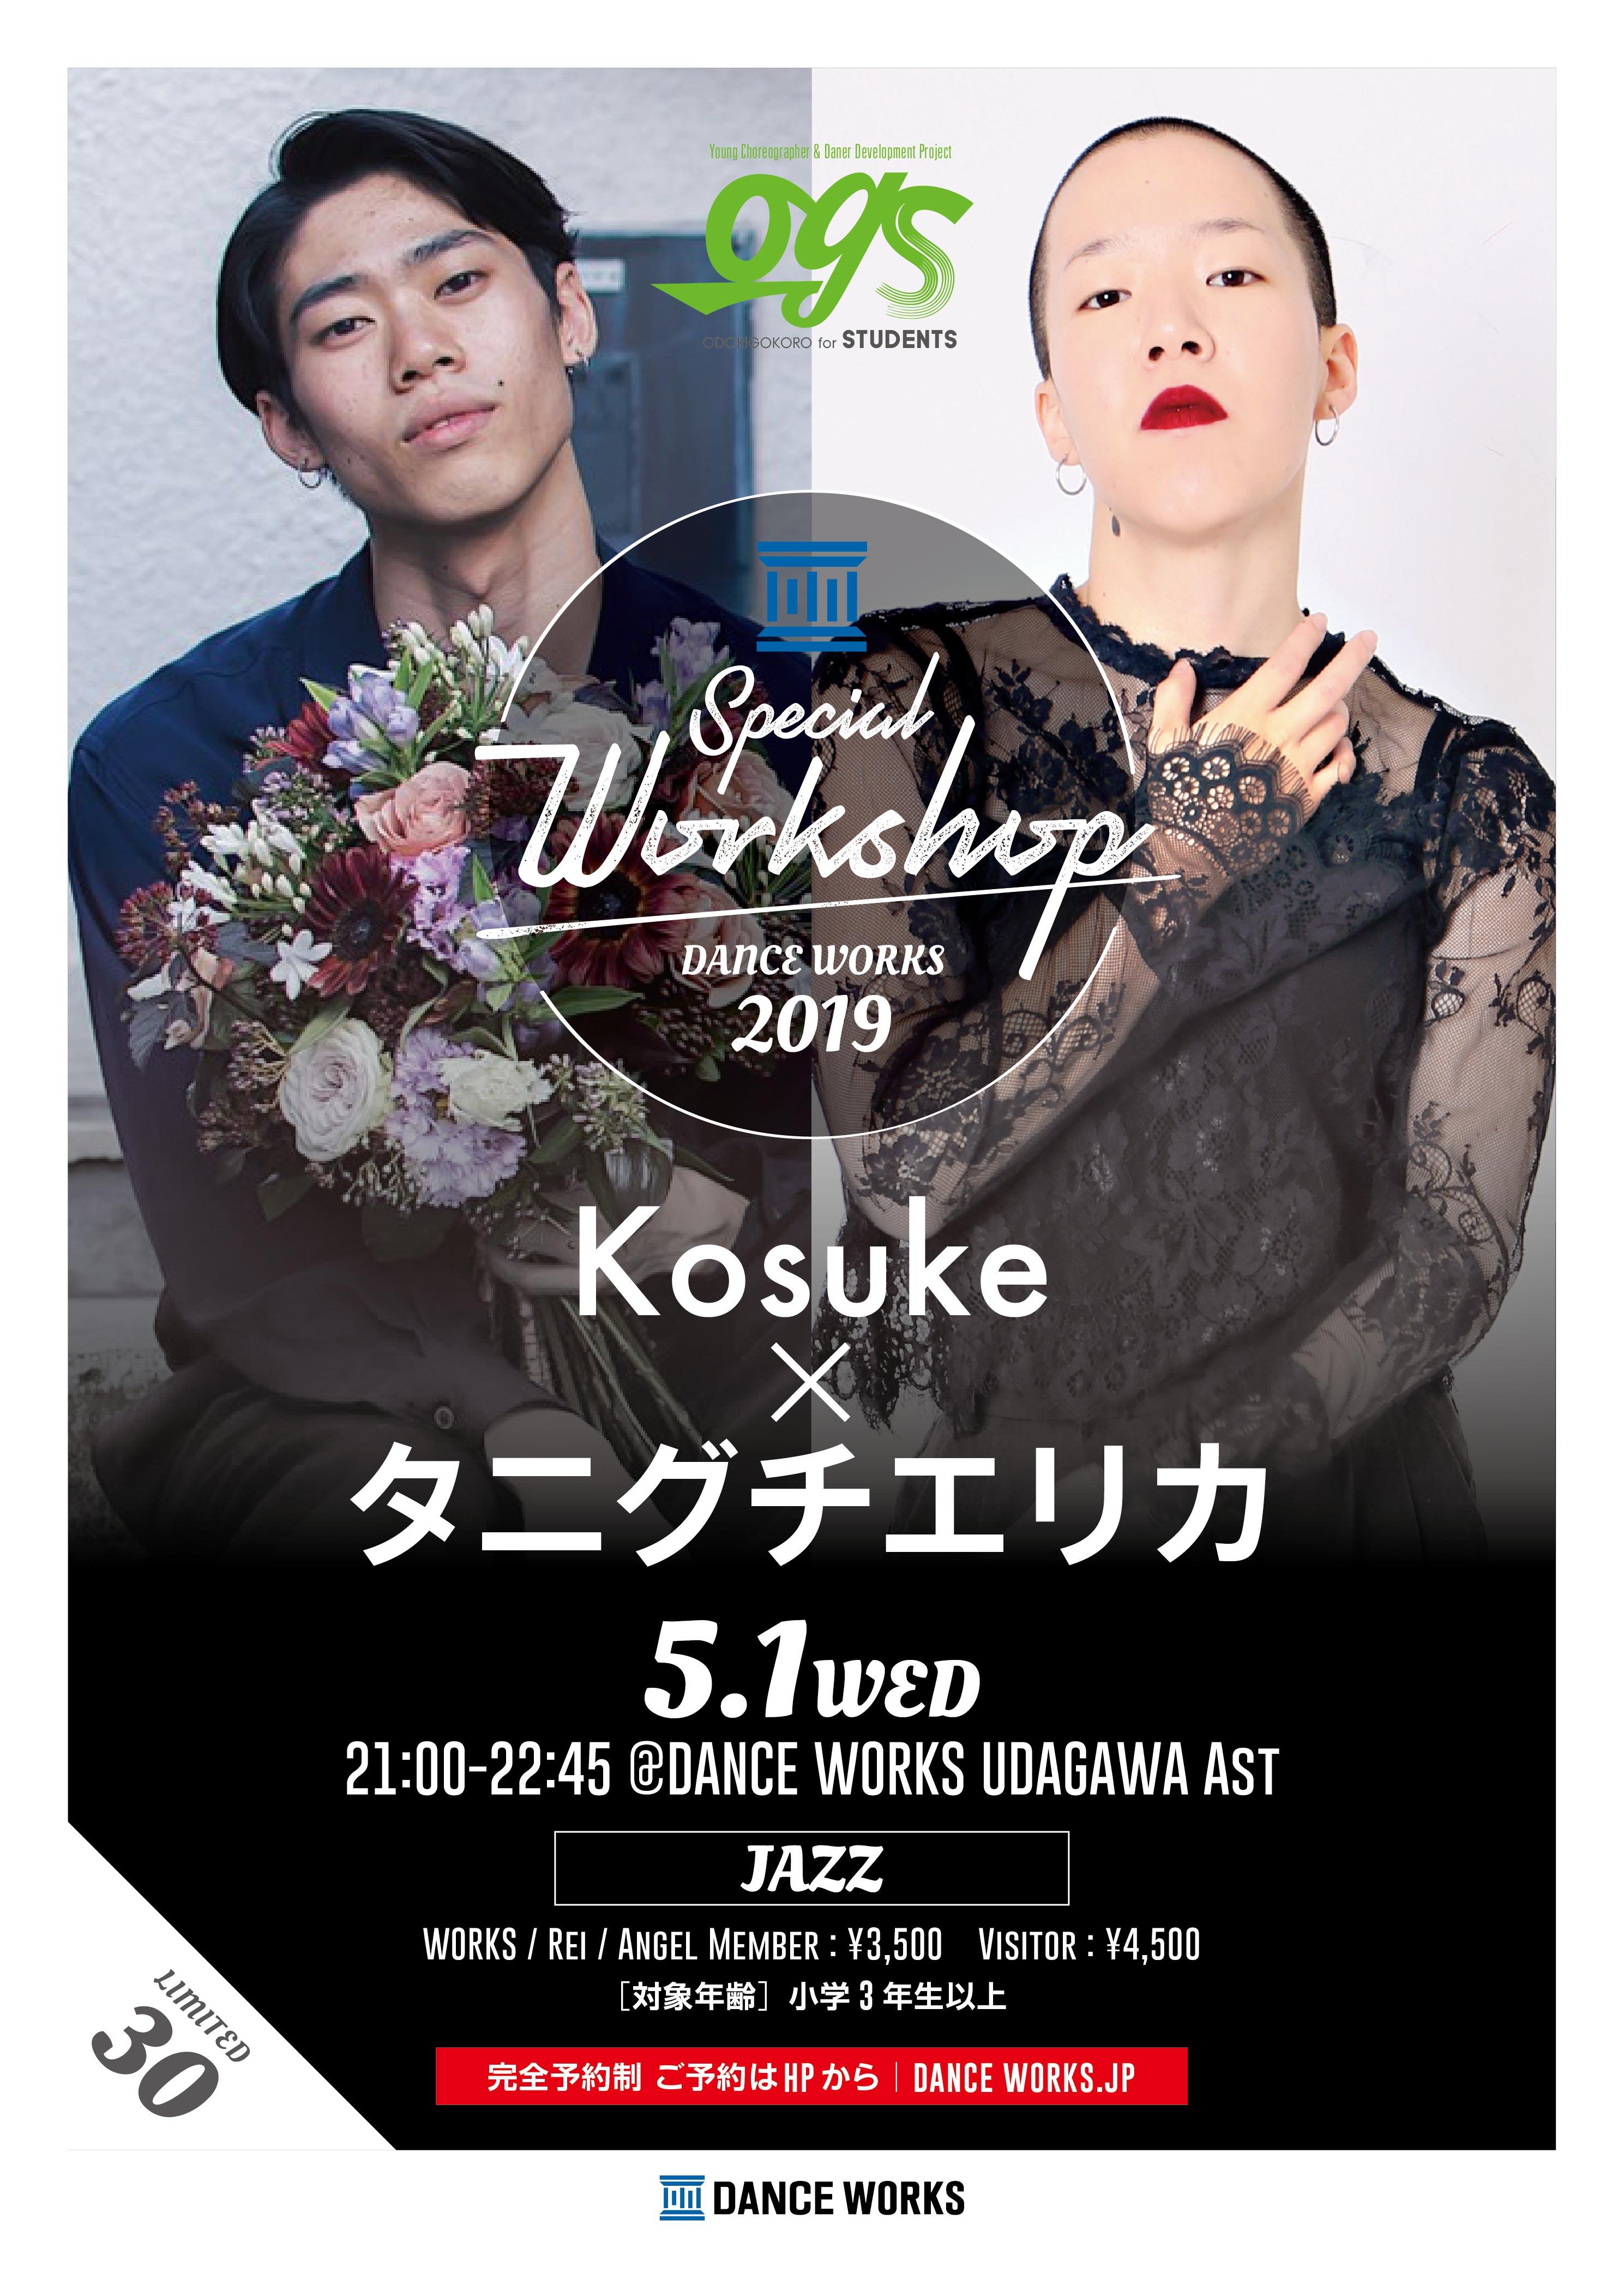 記事「【Kosuke+タニグチエリカ】『OGS』ゲストダンサーによるWS開催決定!!」の画像